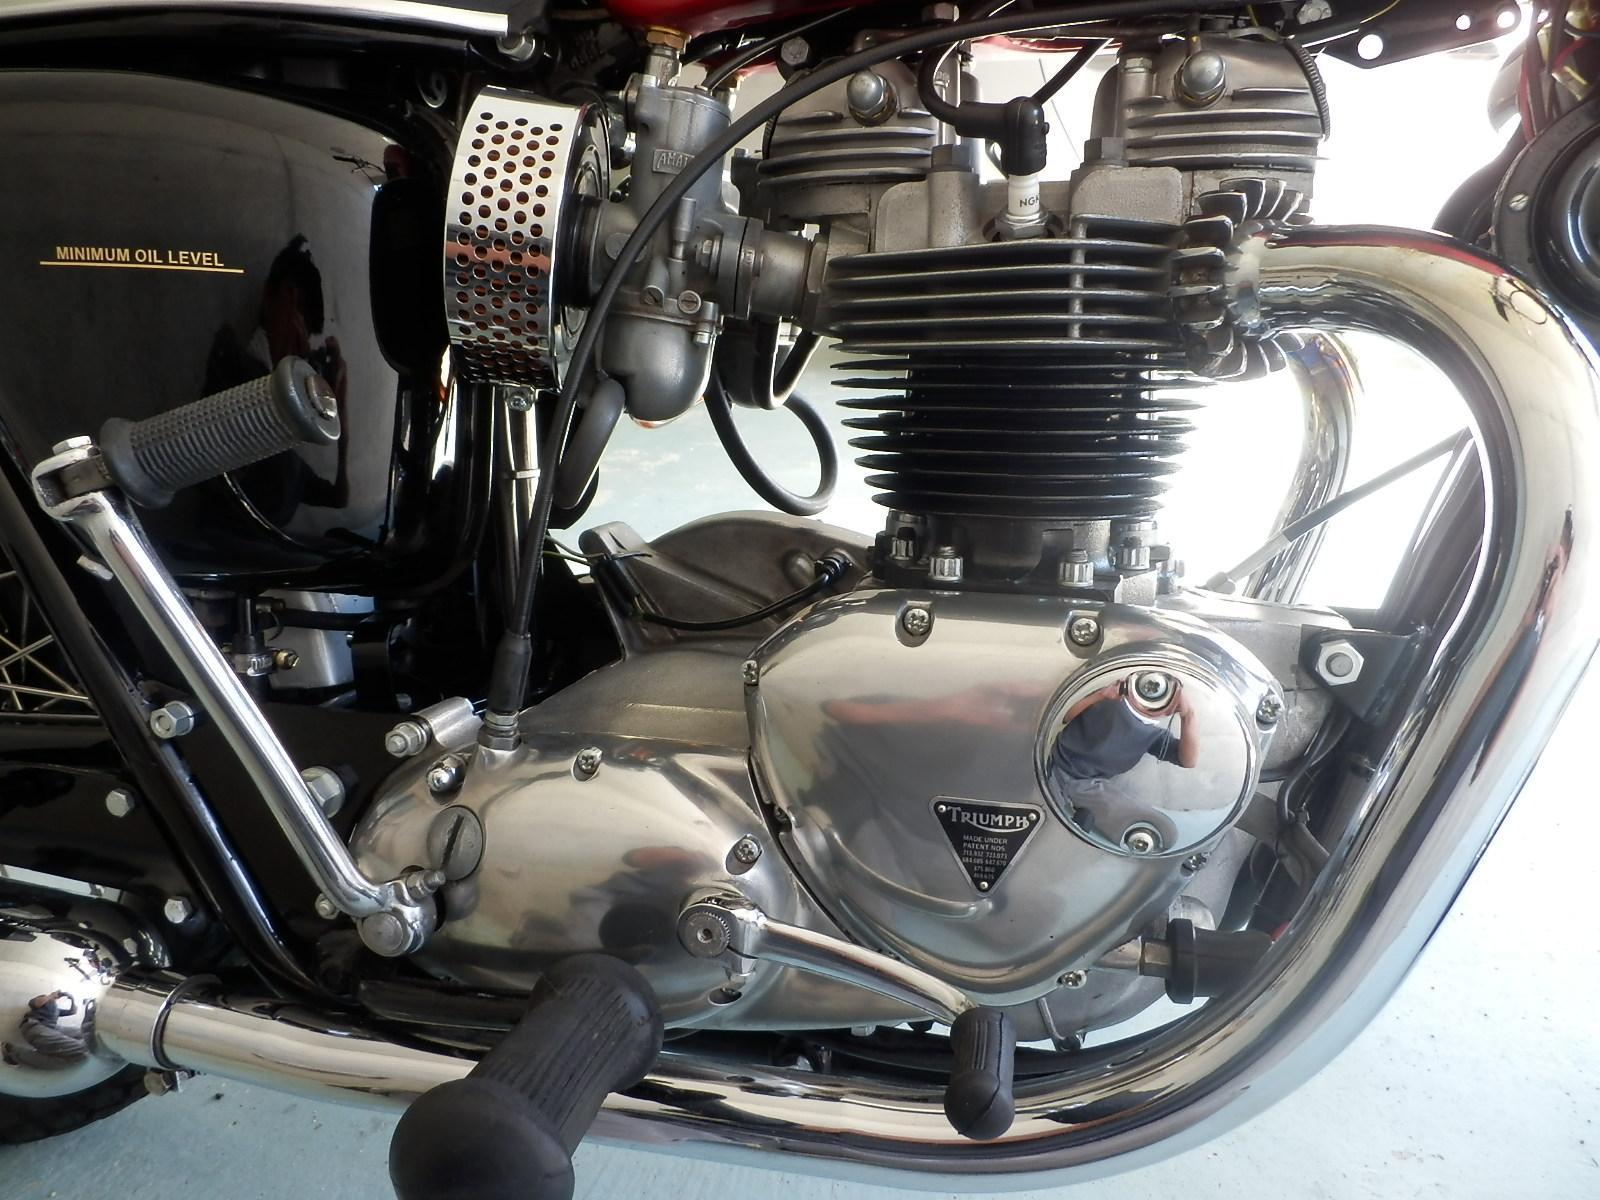 1969年 Triumph T120R_b0153544_22554050.jpg